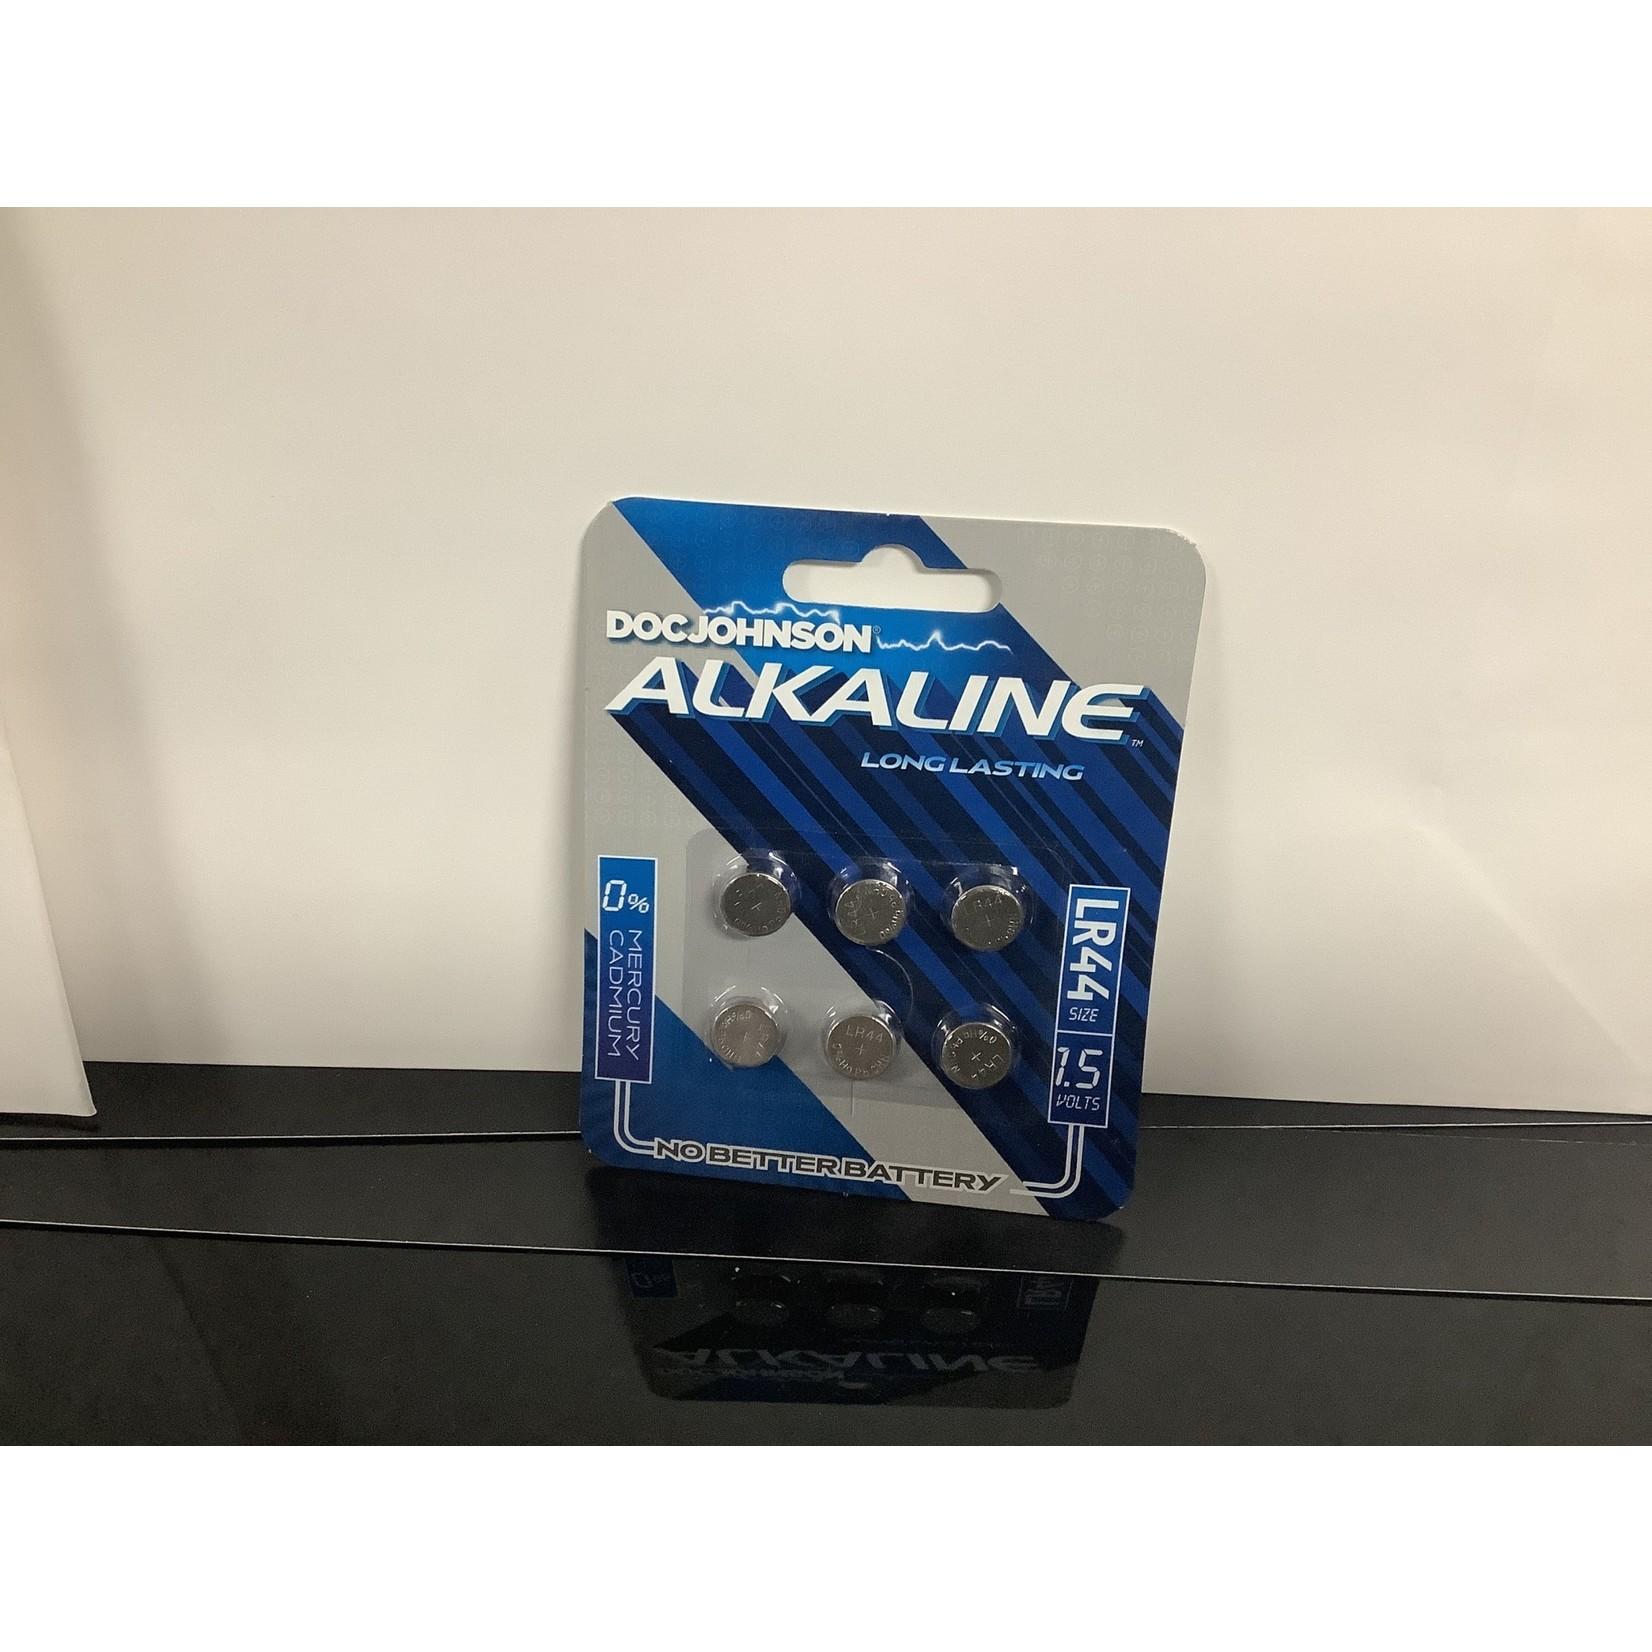 Doc Johnson - Alkaline Batteries LR44 (6 Pack)